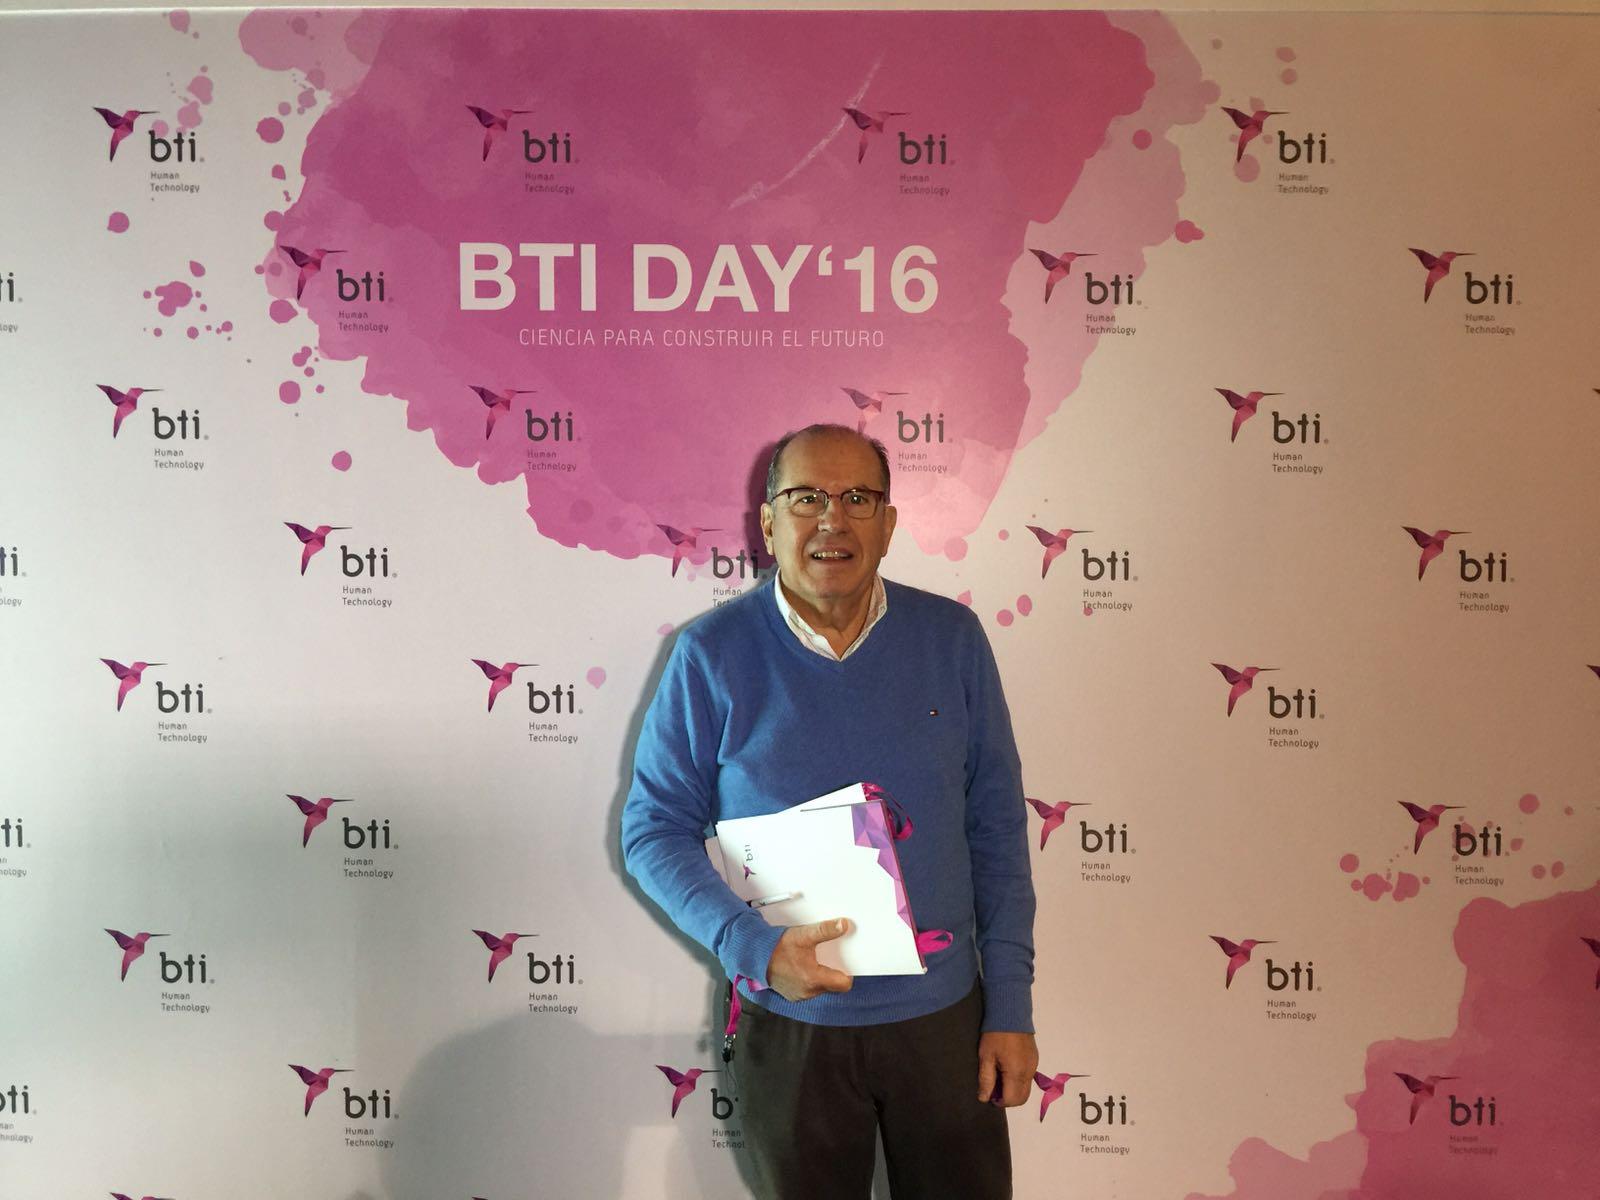 BTI Day 2016 España